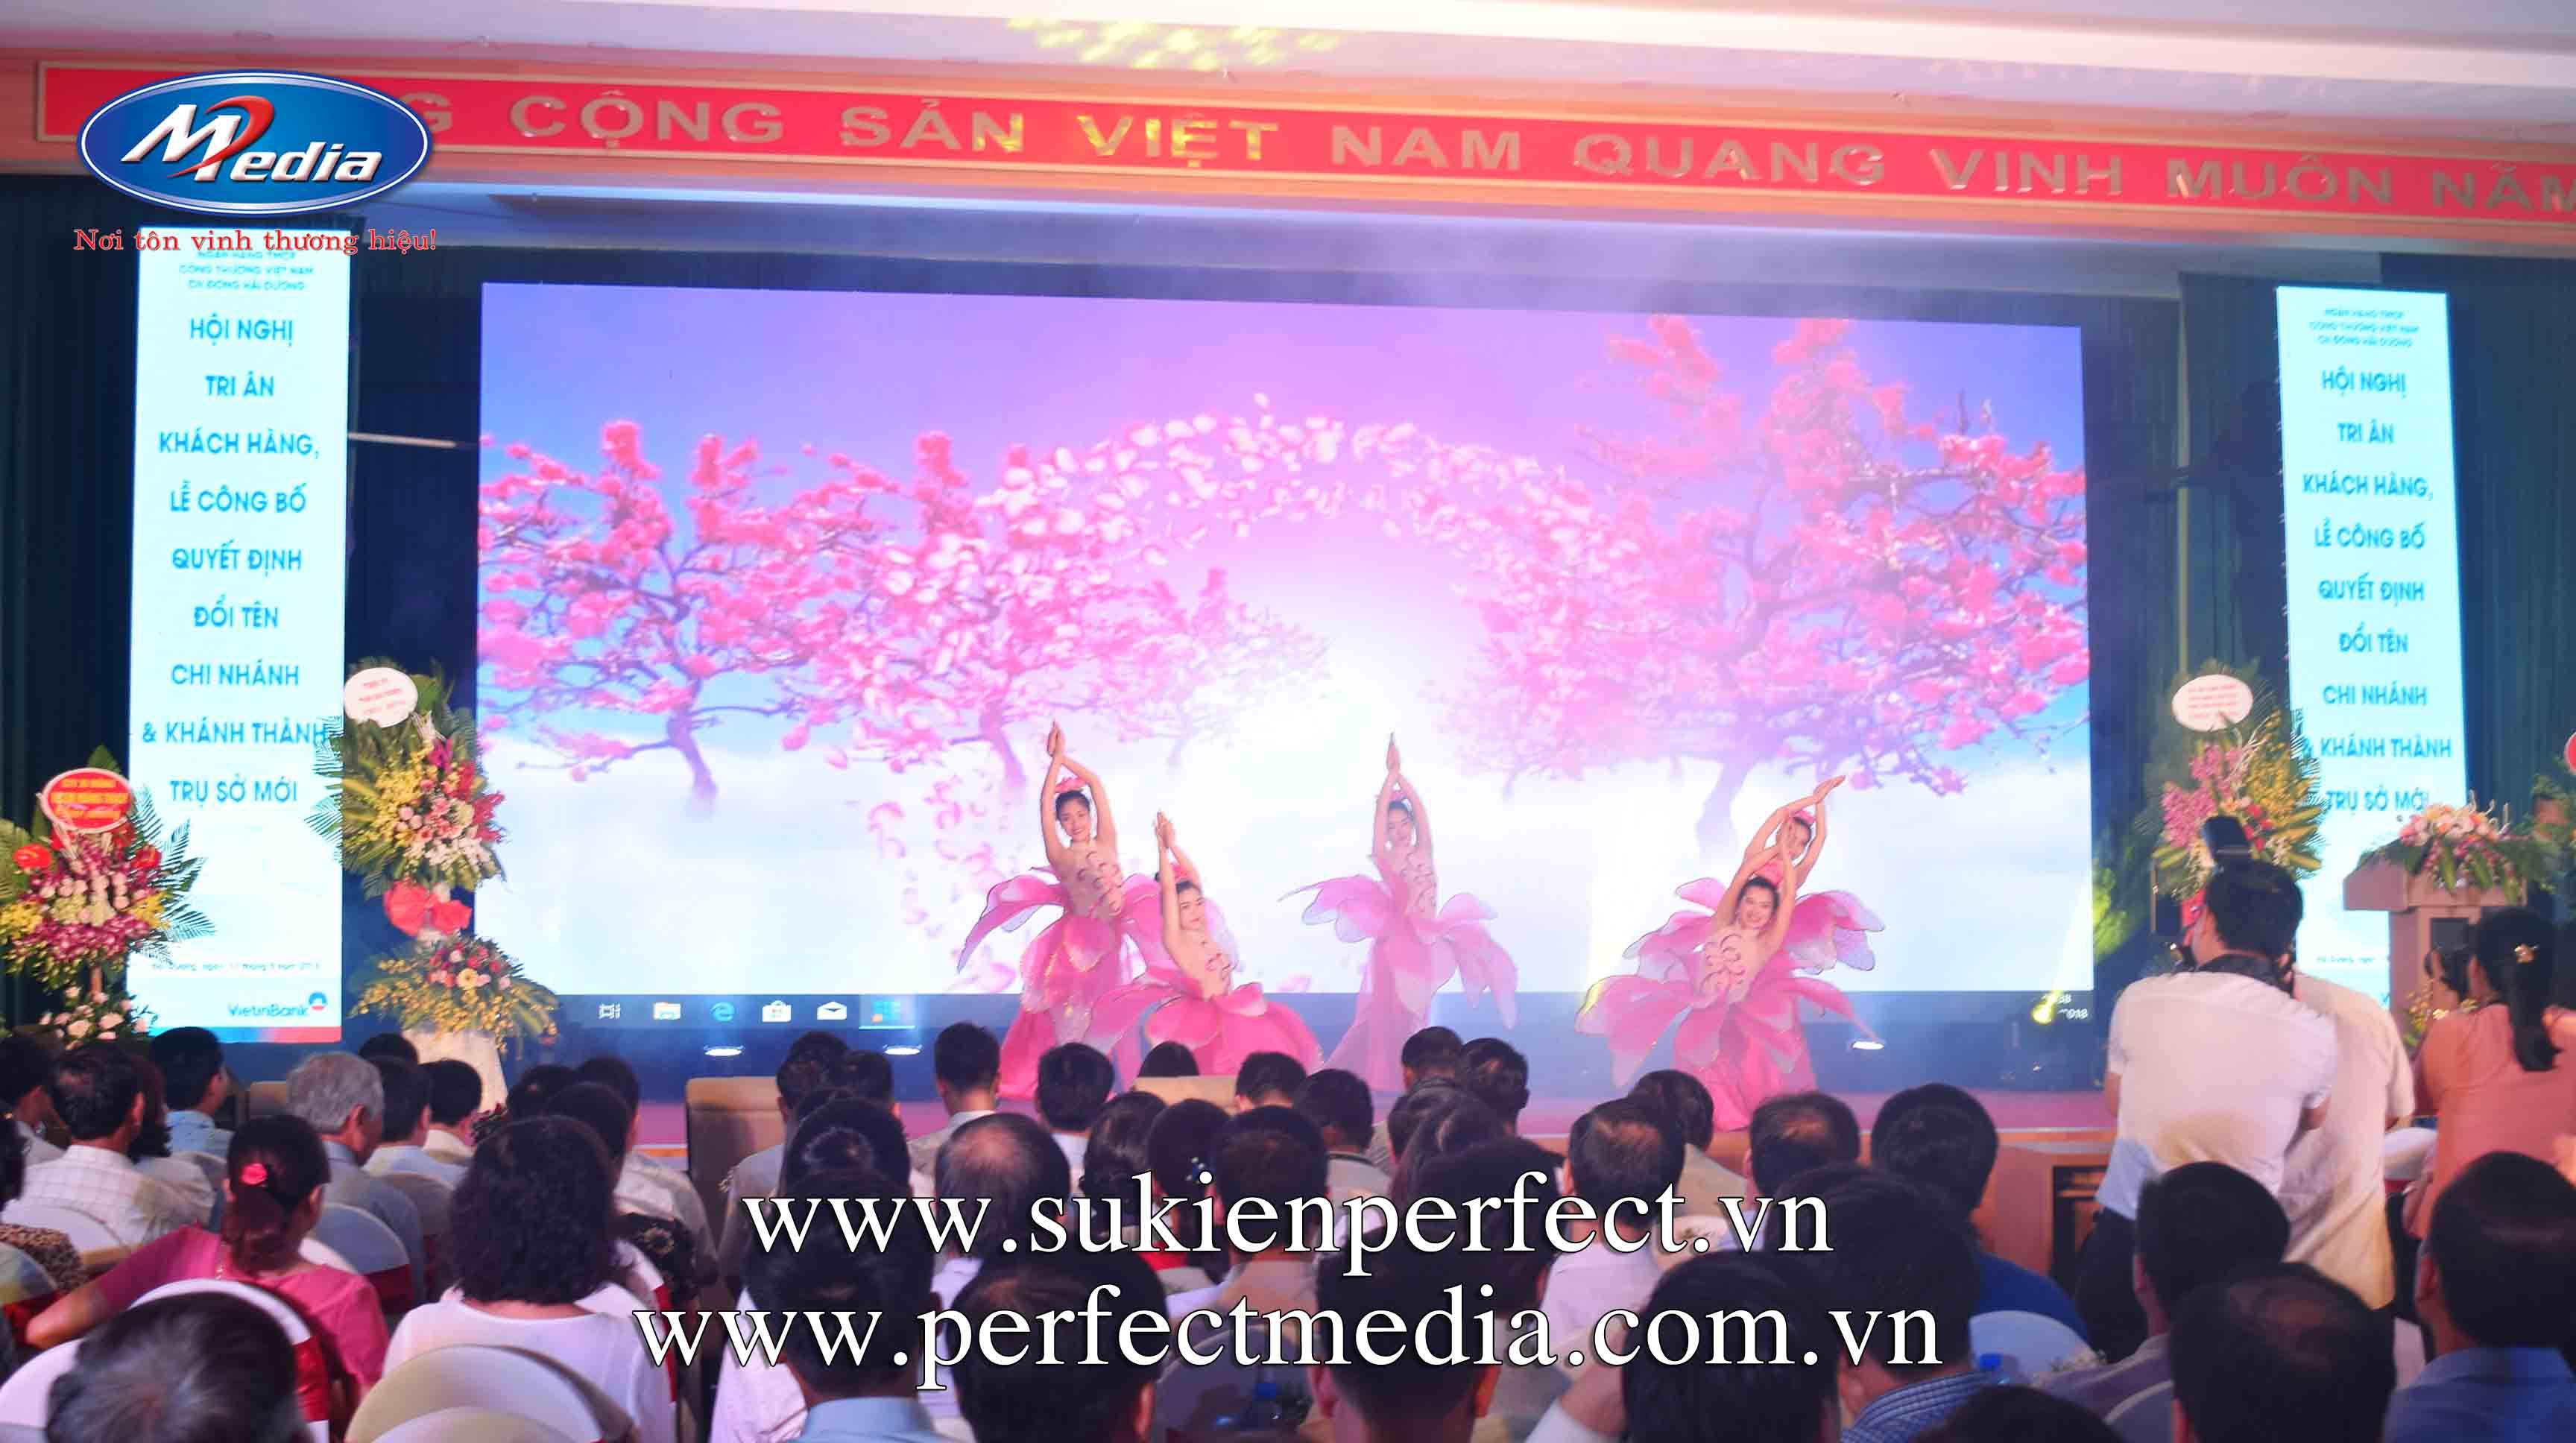 tổ chức hội nghị, tri ân khách hàng tại Hưng Yên